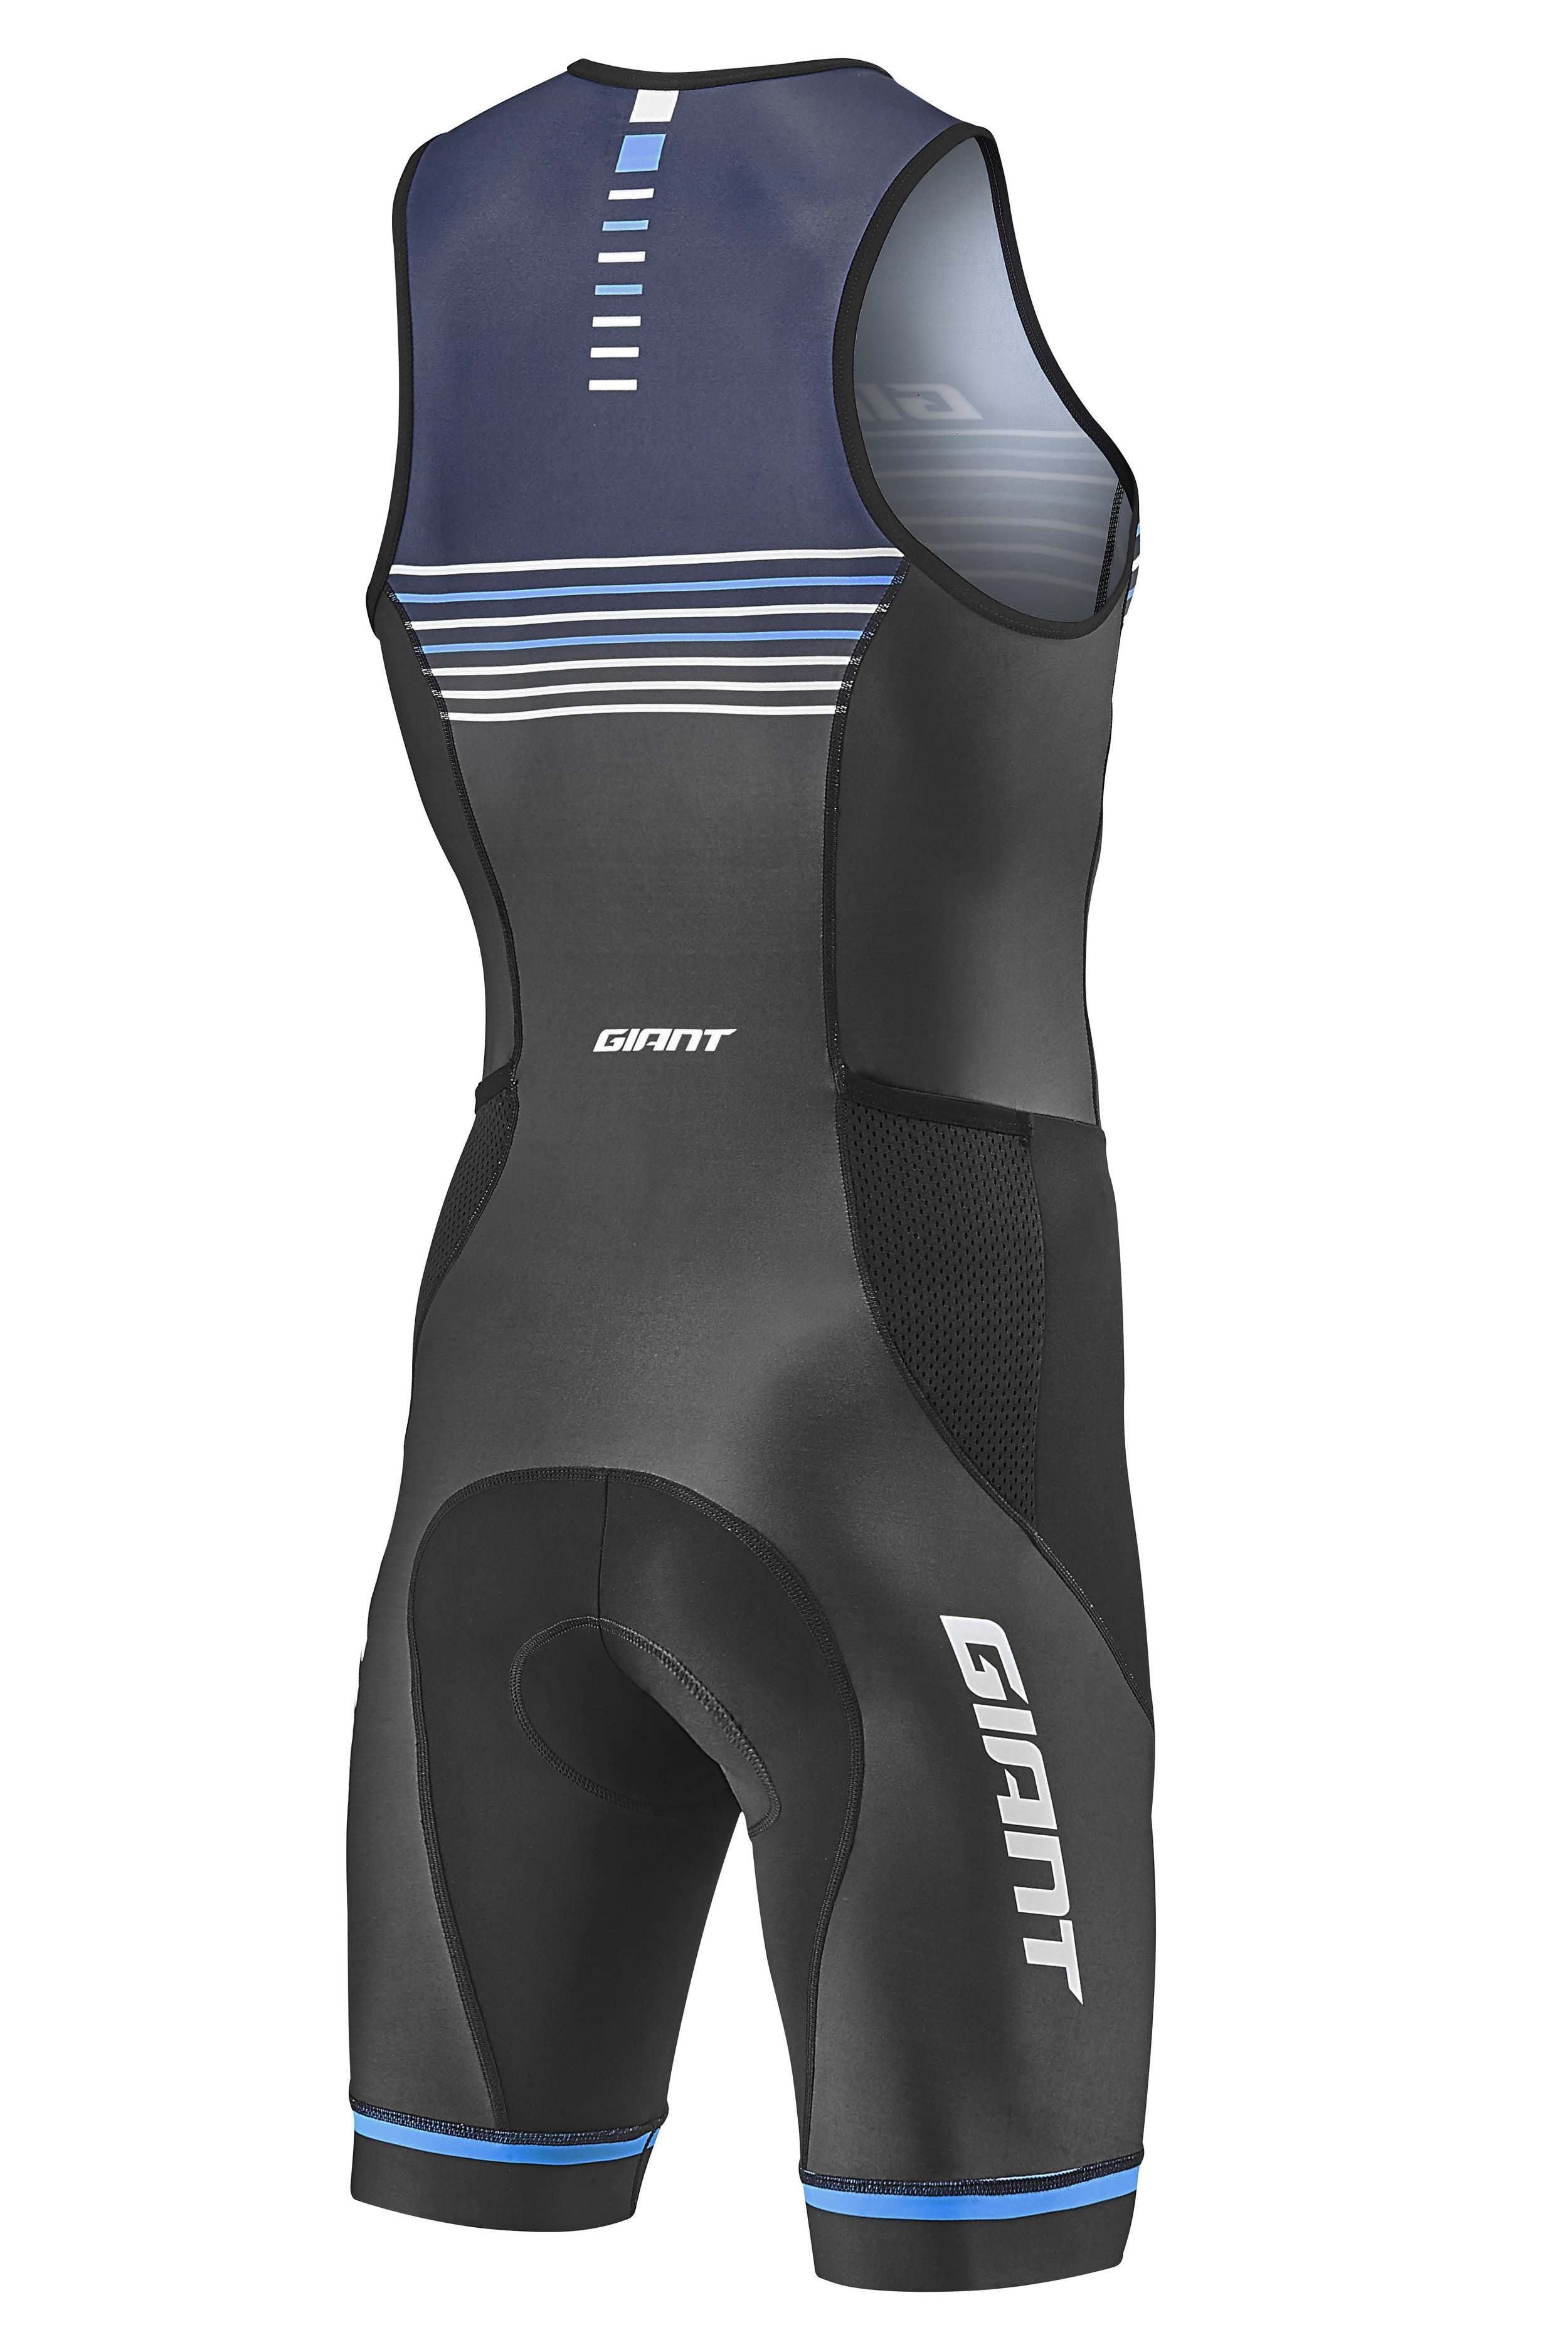 Giant Elevate Tri Short Black Triathlon Shorts